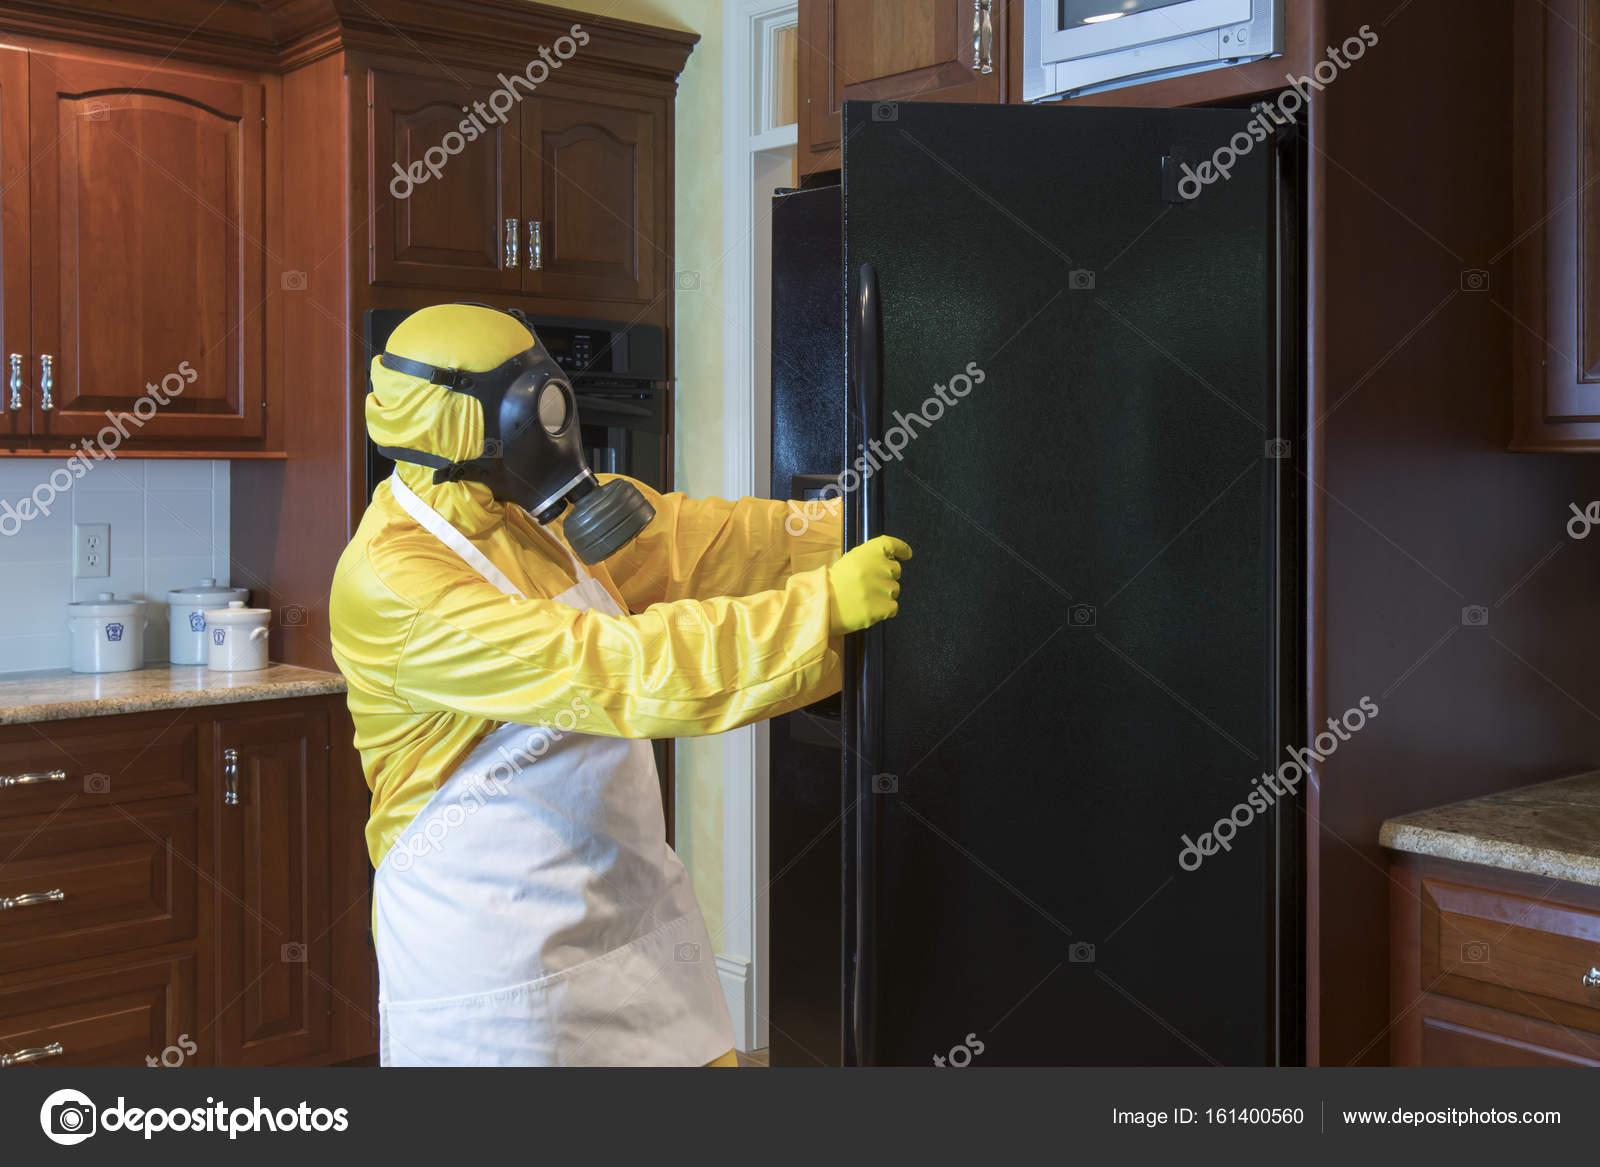 Kühlschrank Matten : Reife frau in haz matte anzug suchen im kühlschrank u2014 stockfoto